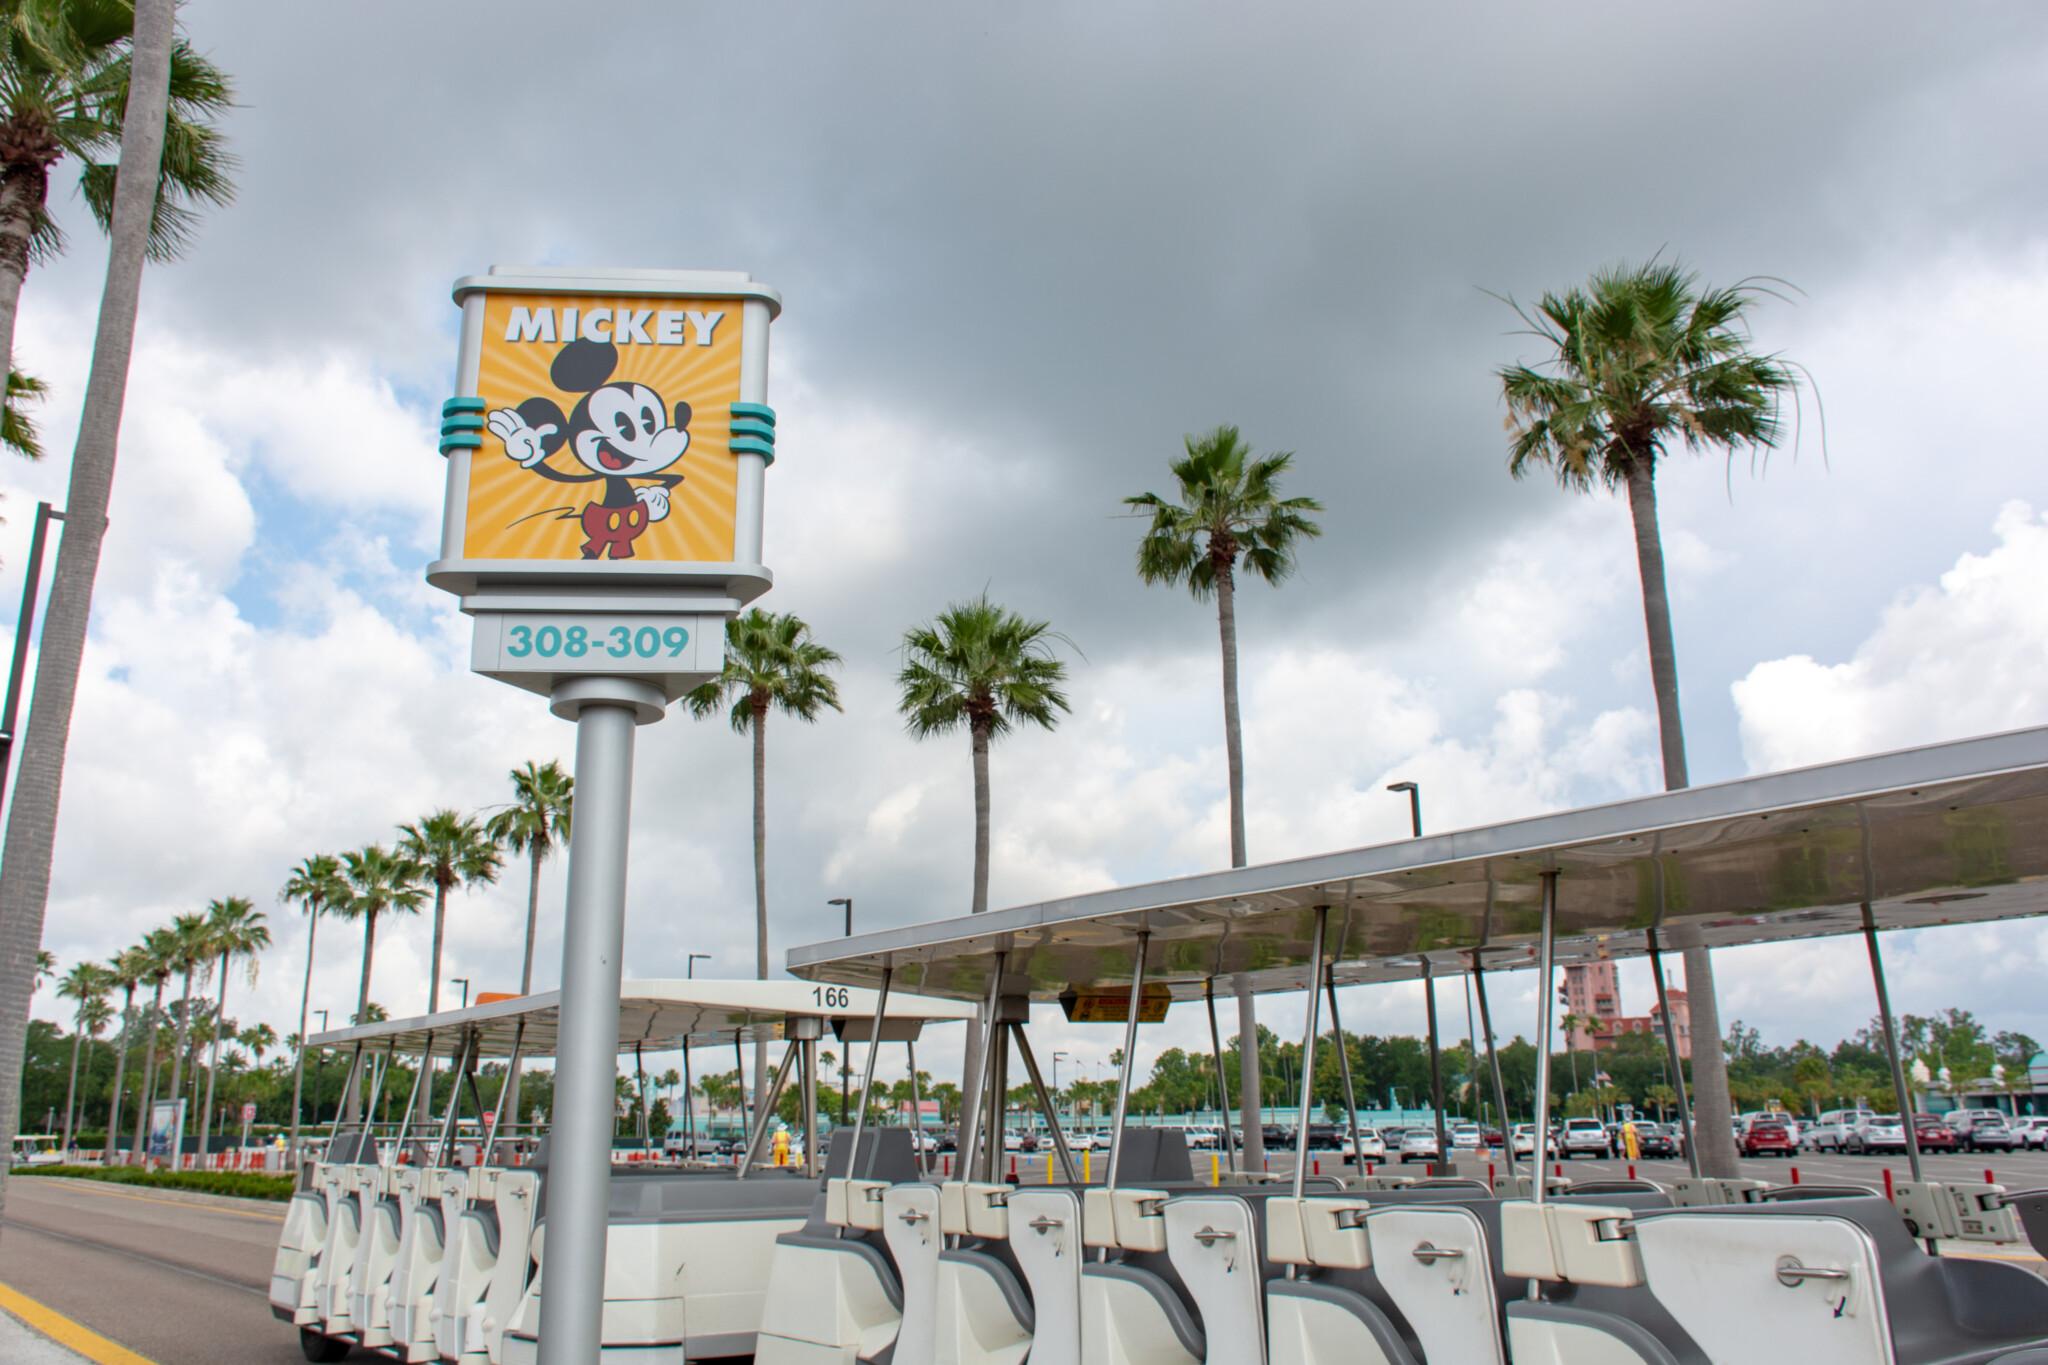 2 semaines en Floride avec un bébé de 1 an - Séjour du 2 au 16 mai 2019 DCL + WDW - Page 16 DSC_8256-2048x1365